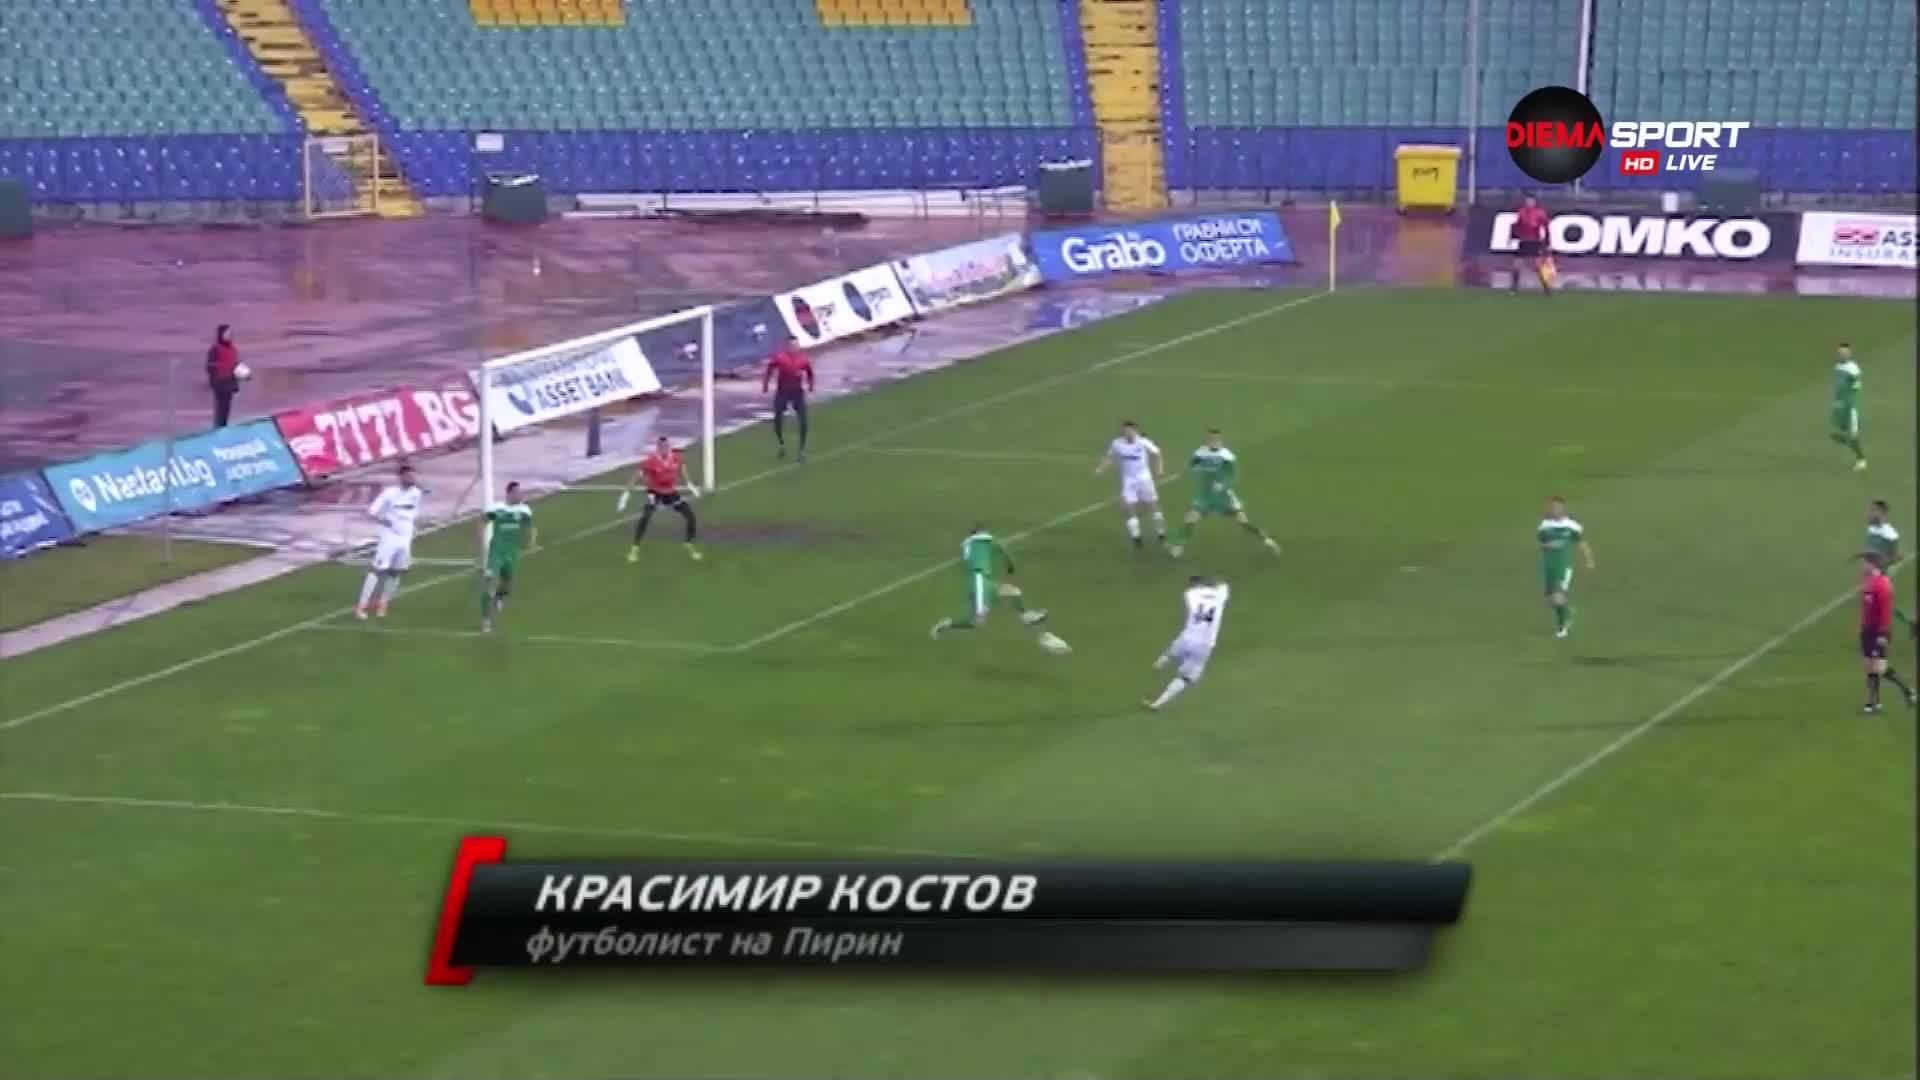 Спасяване на Красимир Костов срещу Славия